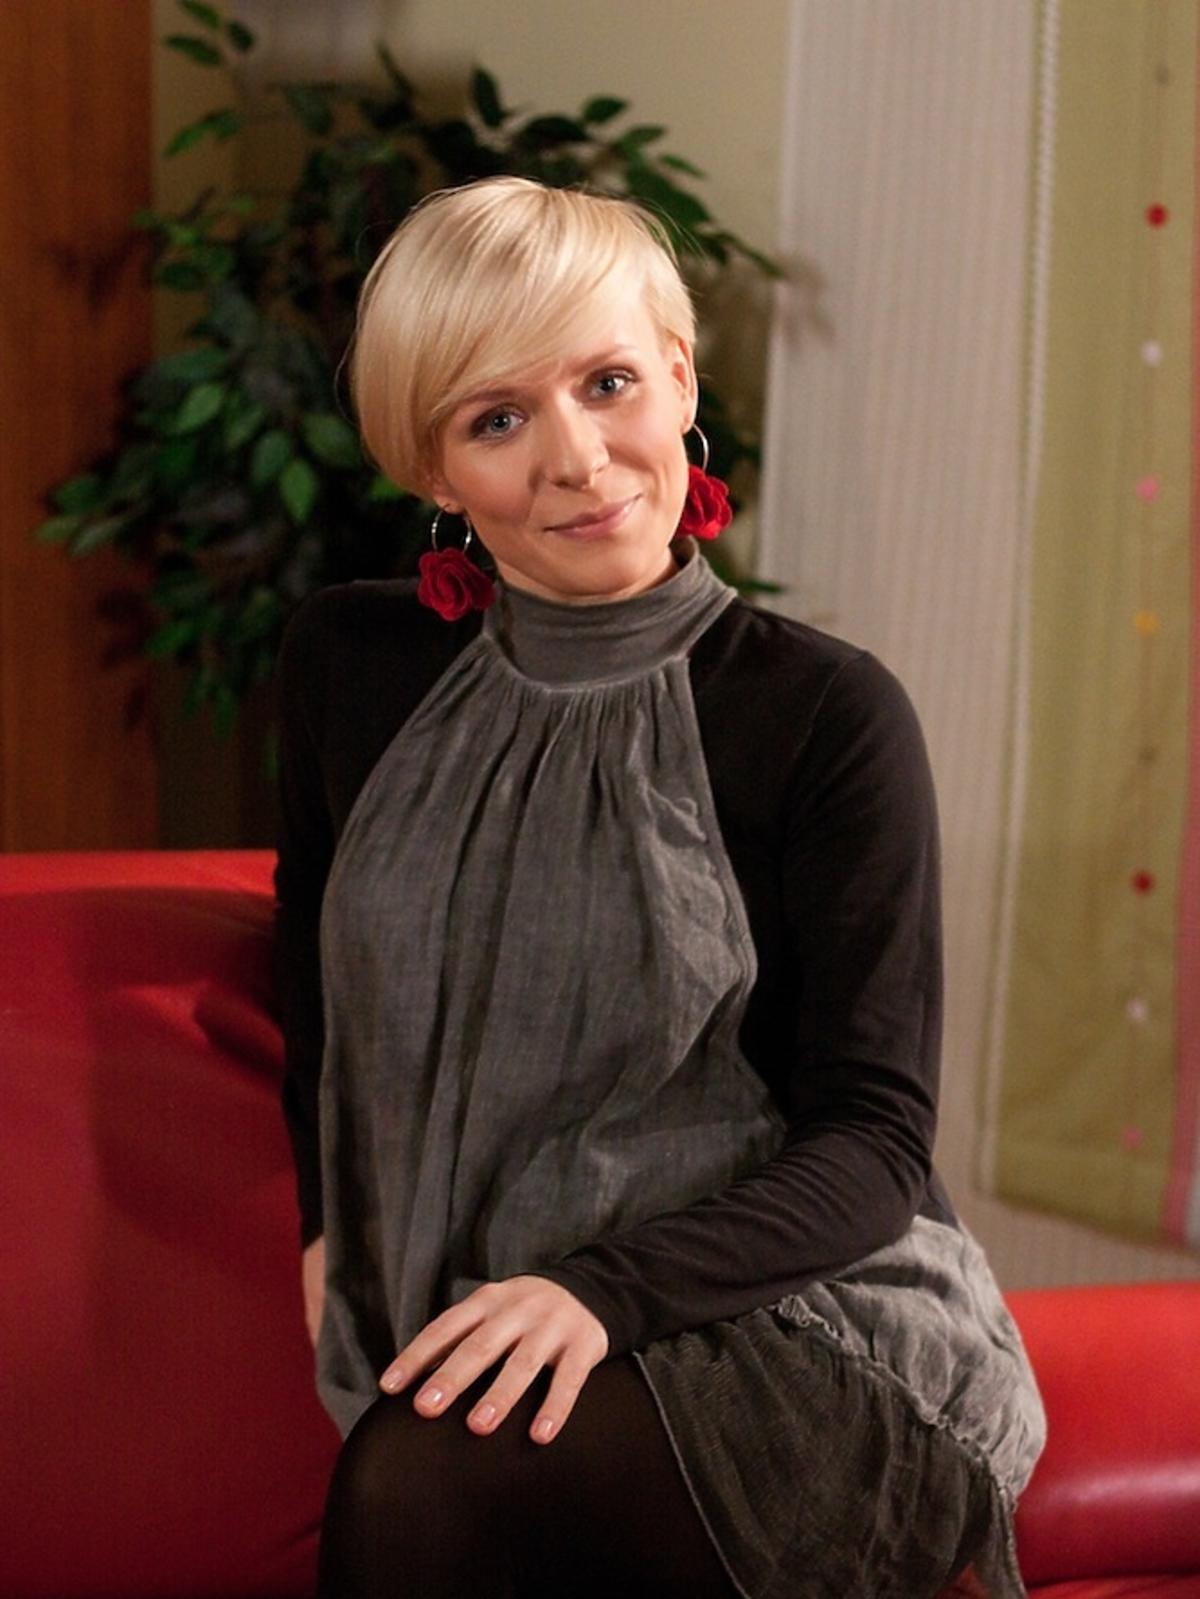 Aneta Zając na czerwonej kanapie w krótkich włosach w serialu Pierwsza Miłość z 2010 roku